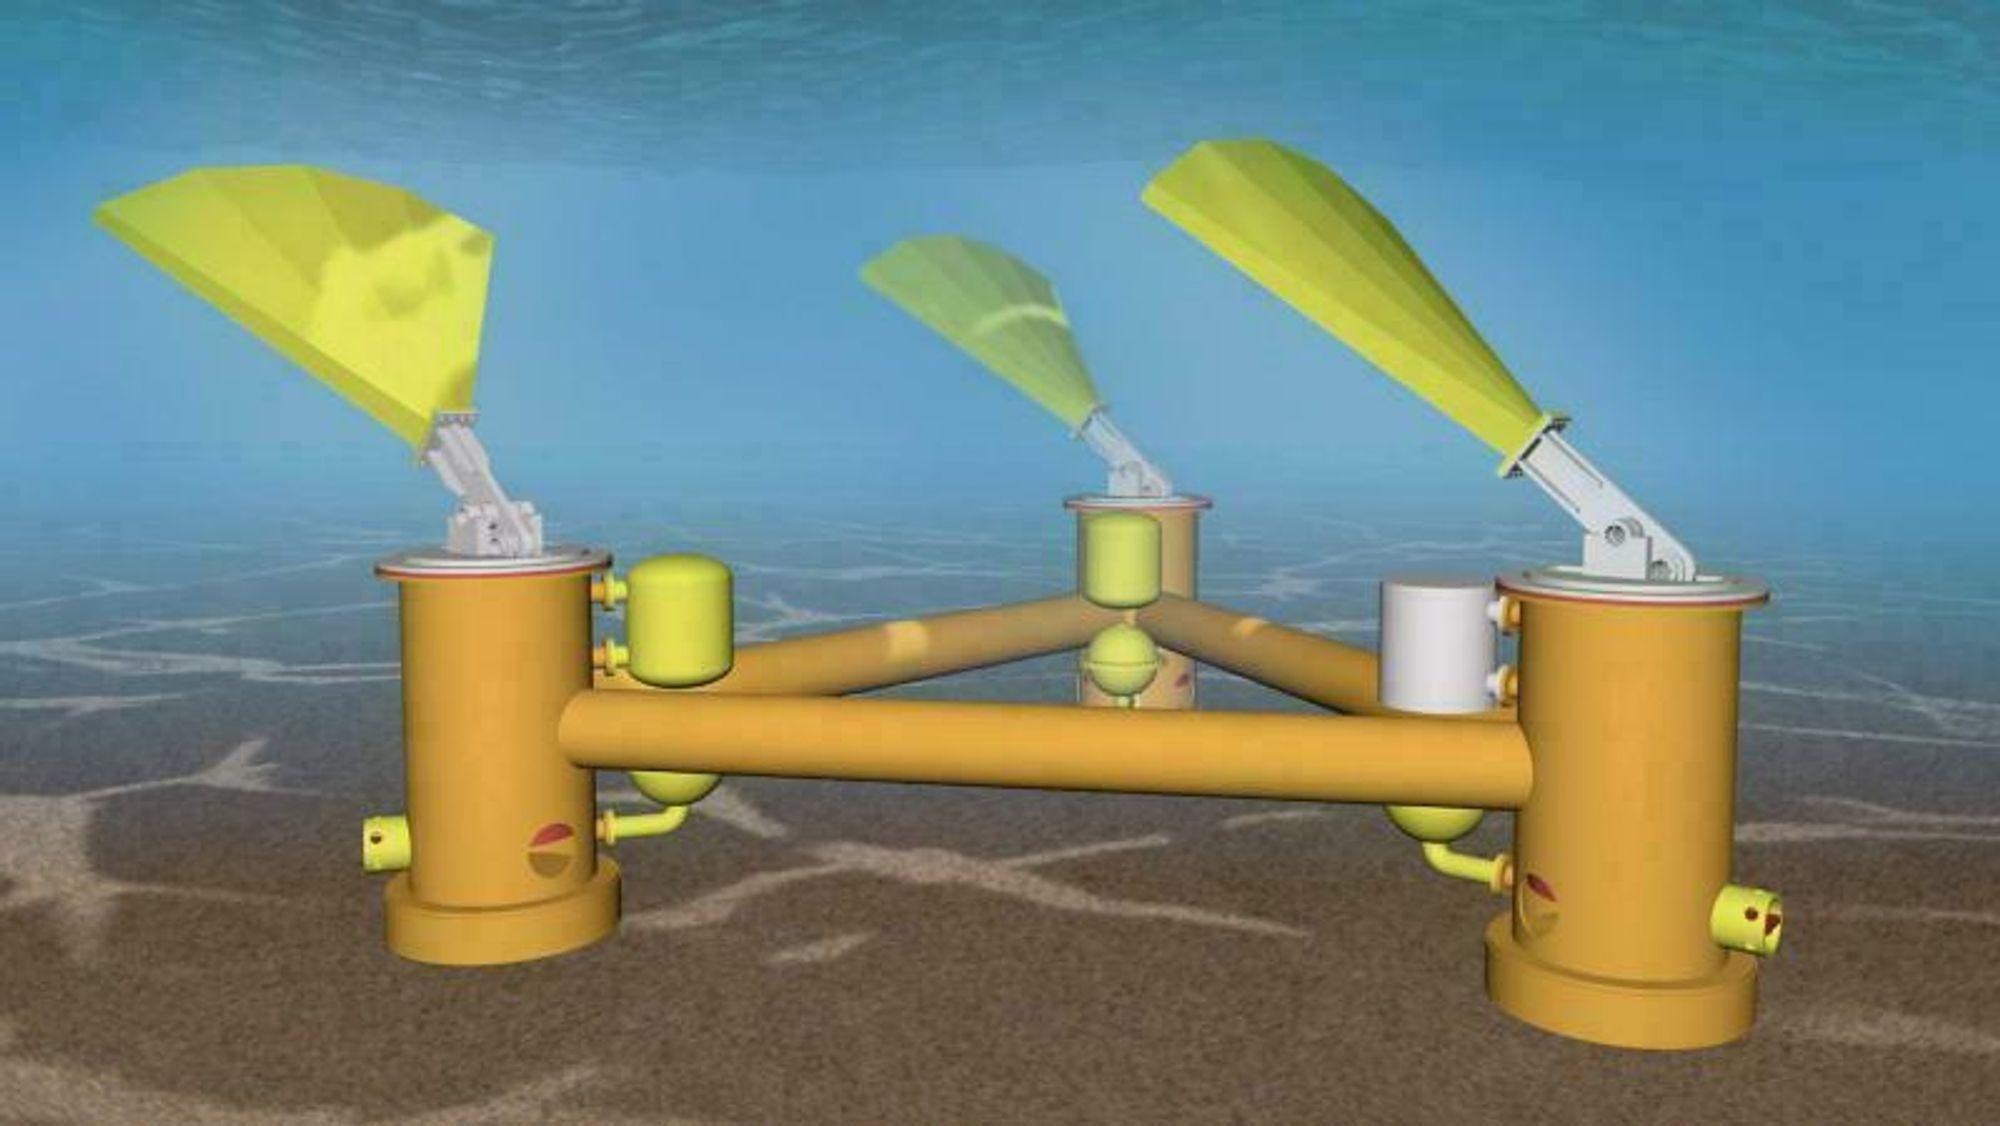 Beskyttet mot storm, drevet av bølger